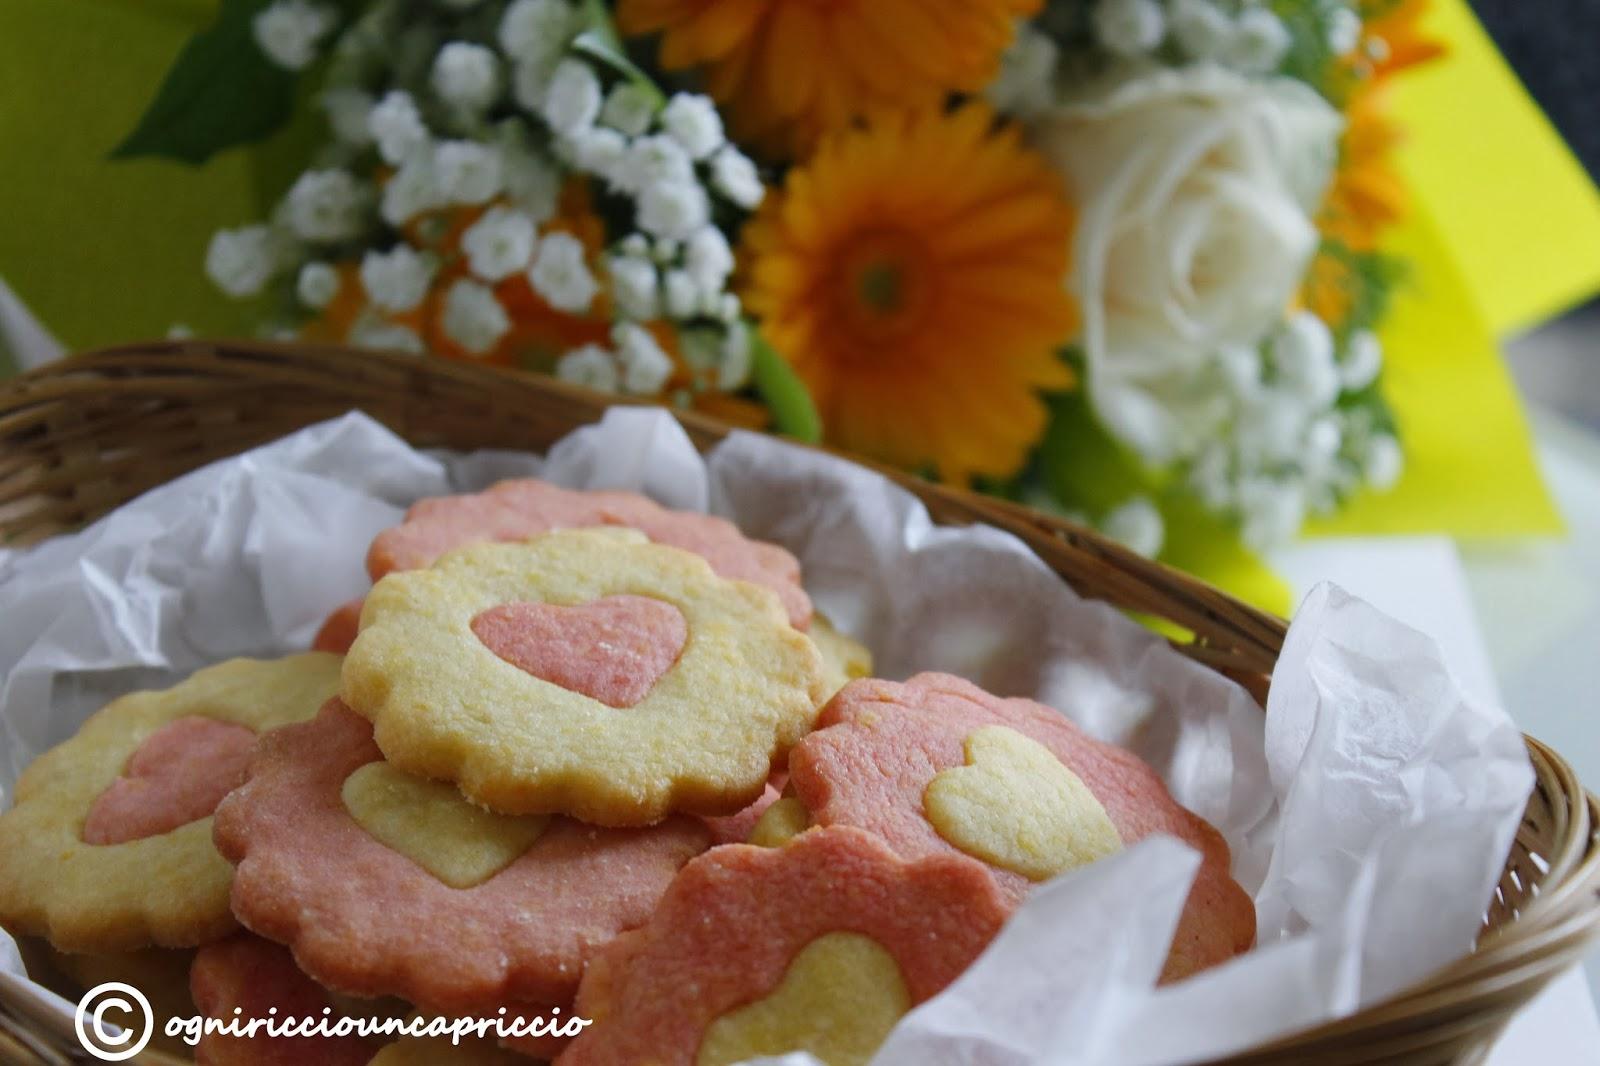 frollini bicolore romantici